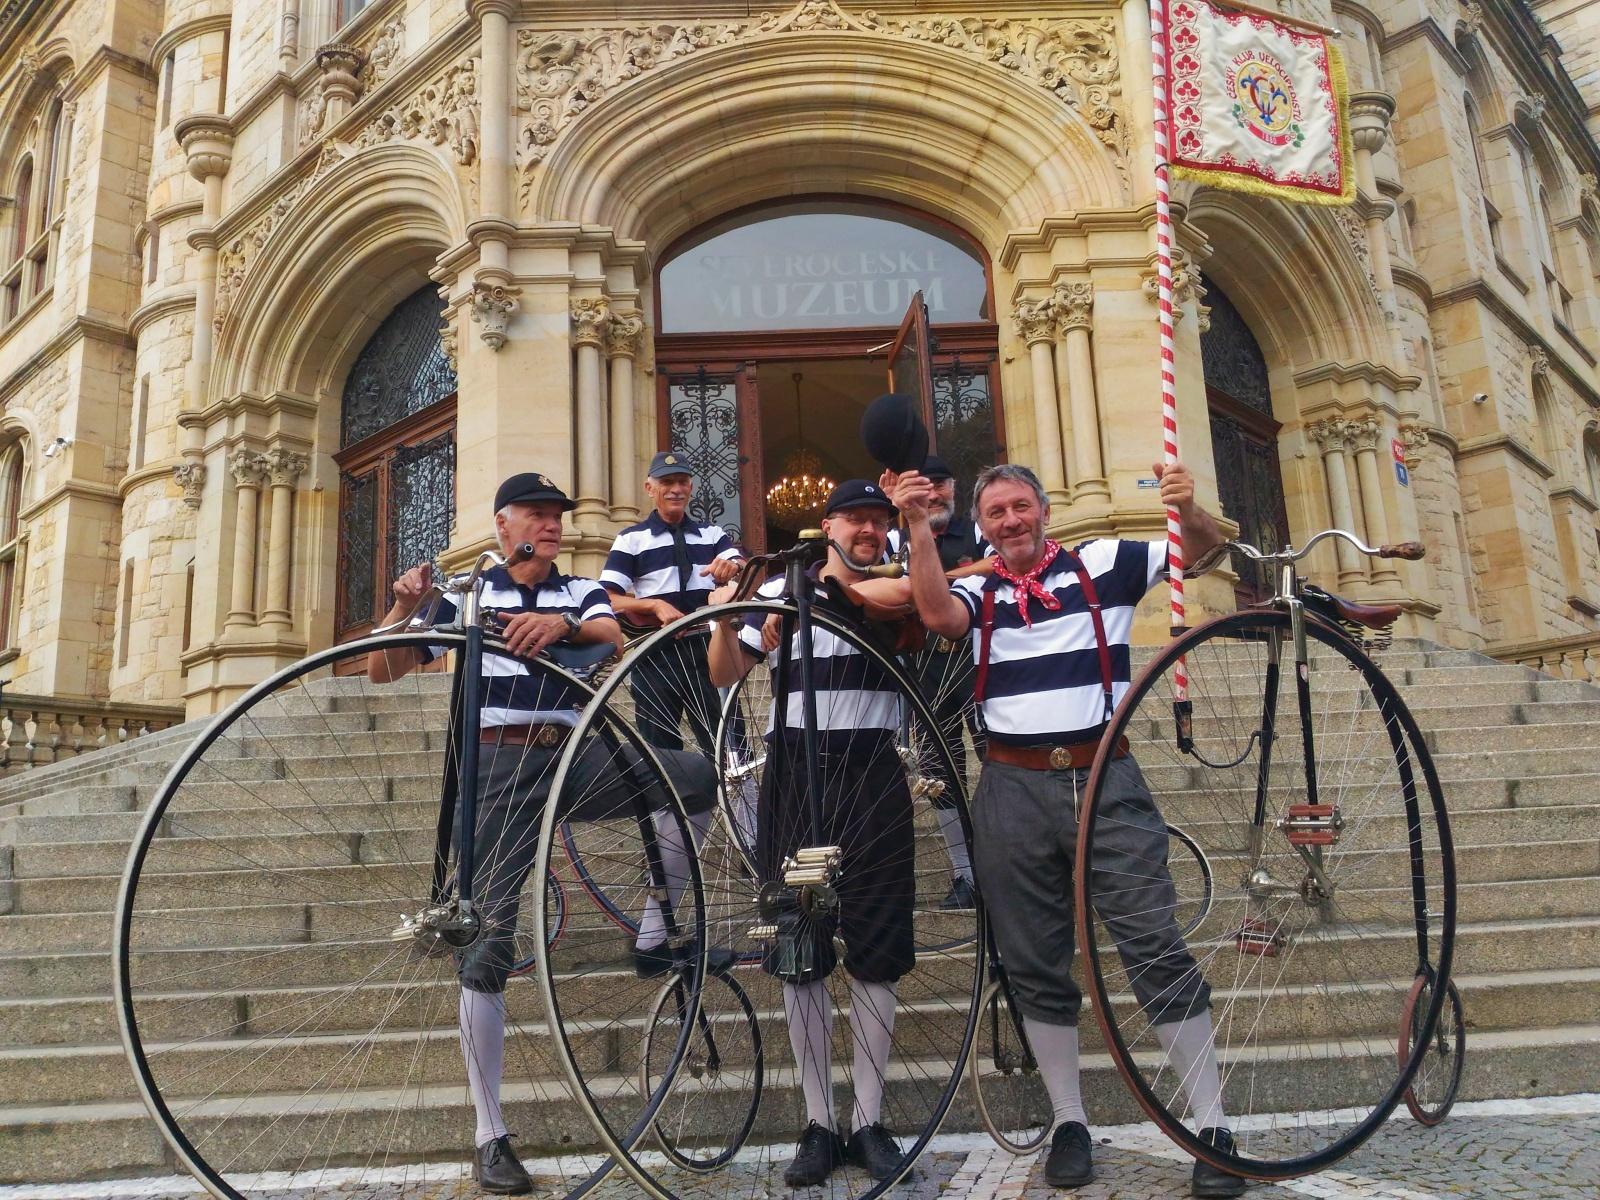 Návštěvníky nové výstavy překvapili cyklisté na vysokých kolech, na kterém se zkusila projet i redaktorka Českého rozhlasu Liberec Lucie Fürstová